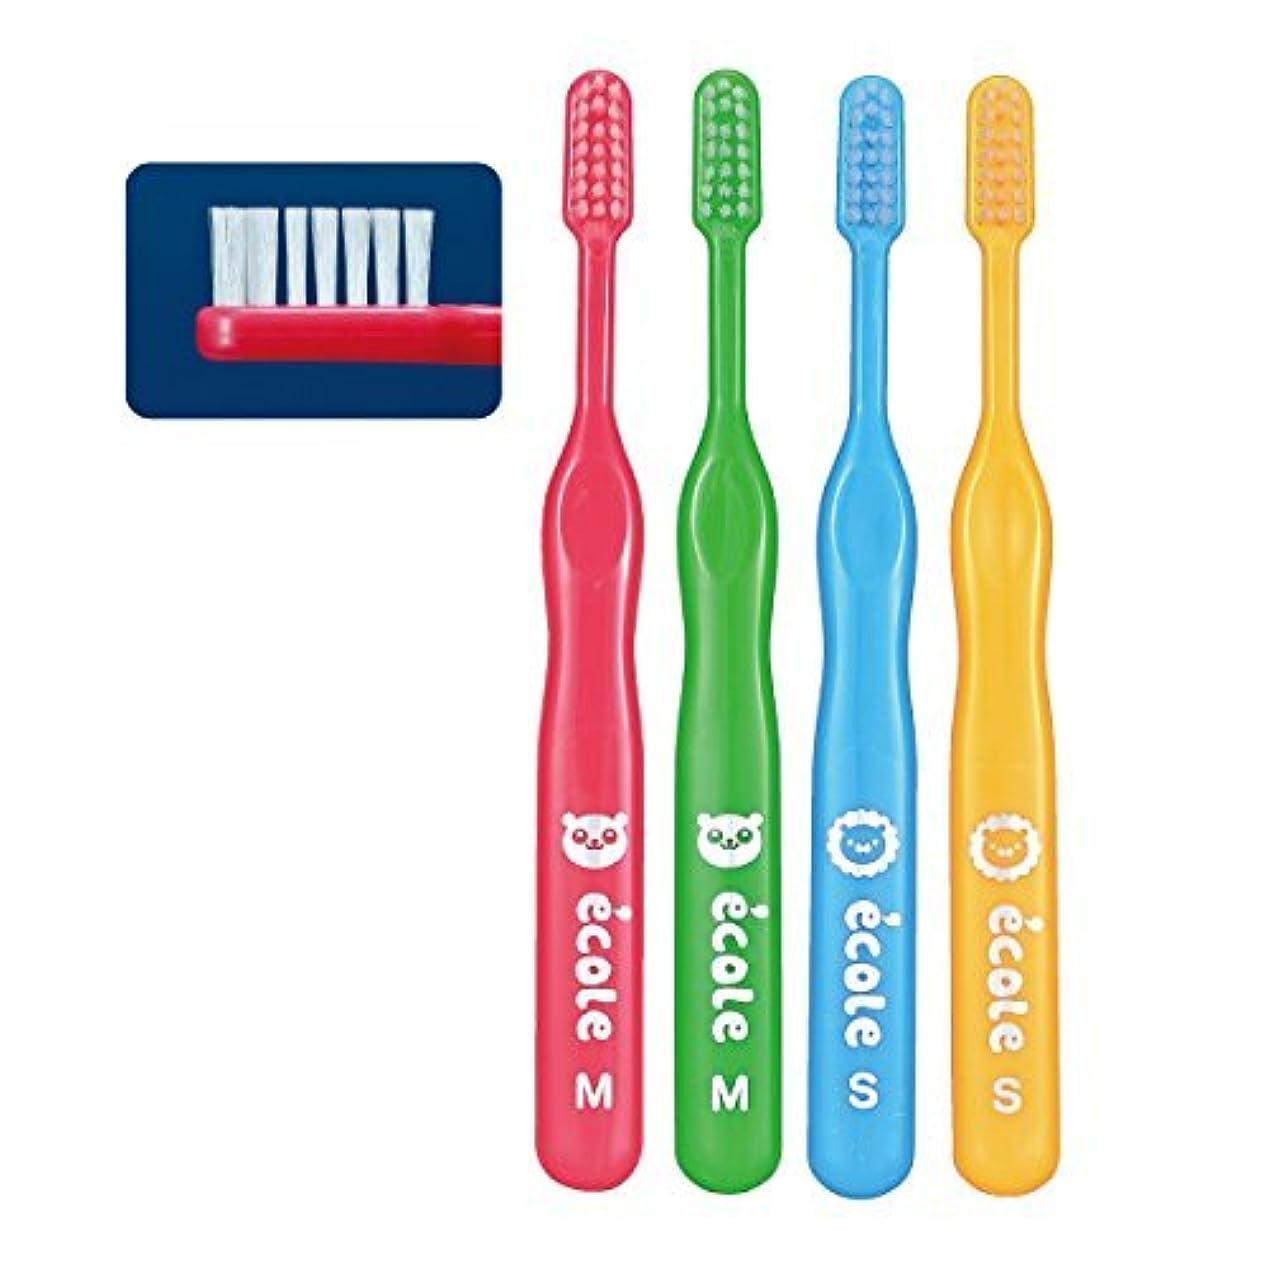 ポーターモッキンバードイブニングリセラ エコル 幼児~小学生用歯ブラシ Sやわらかめ 10本入り